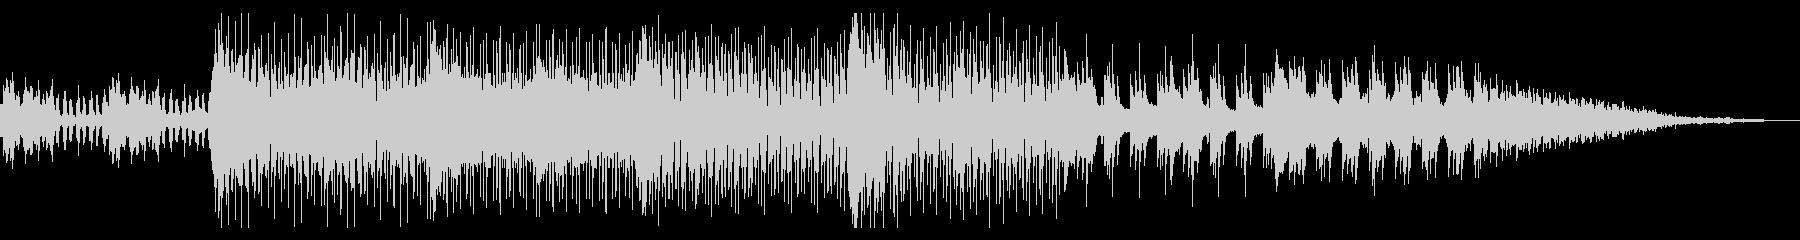 実験的なミニマルテクノの未再生の波形